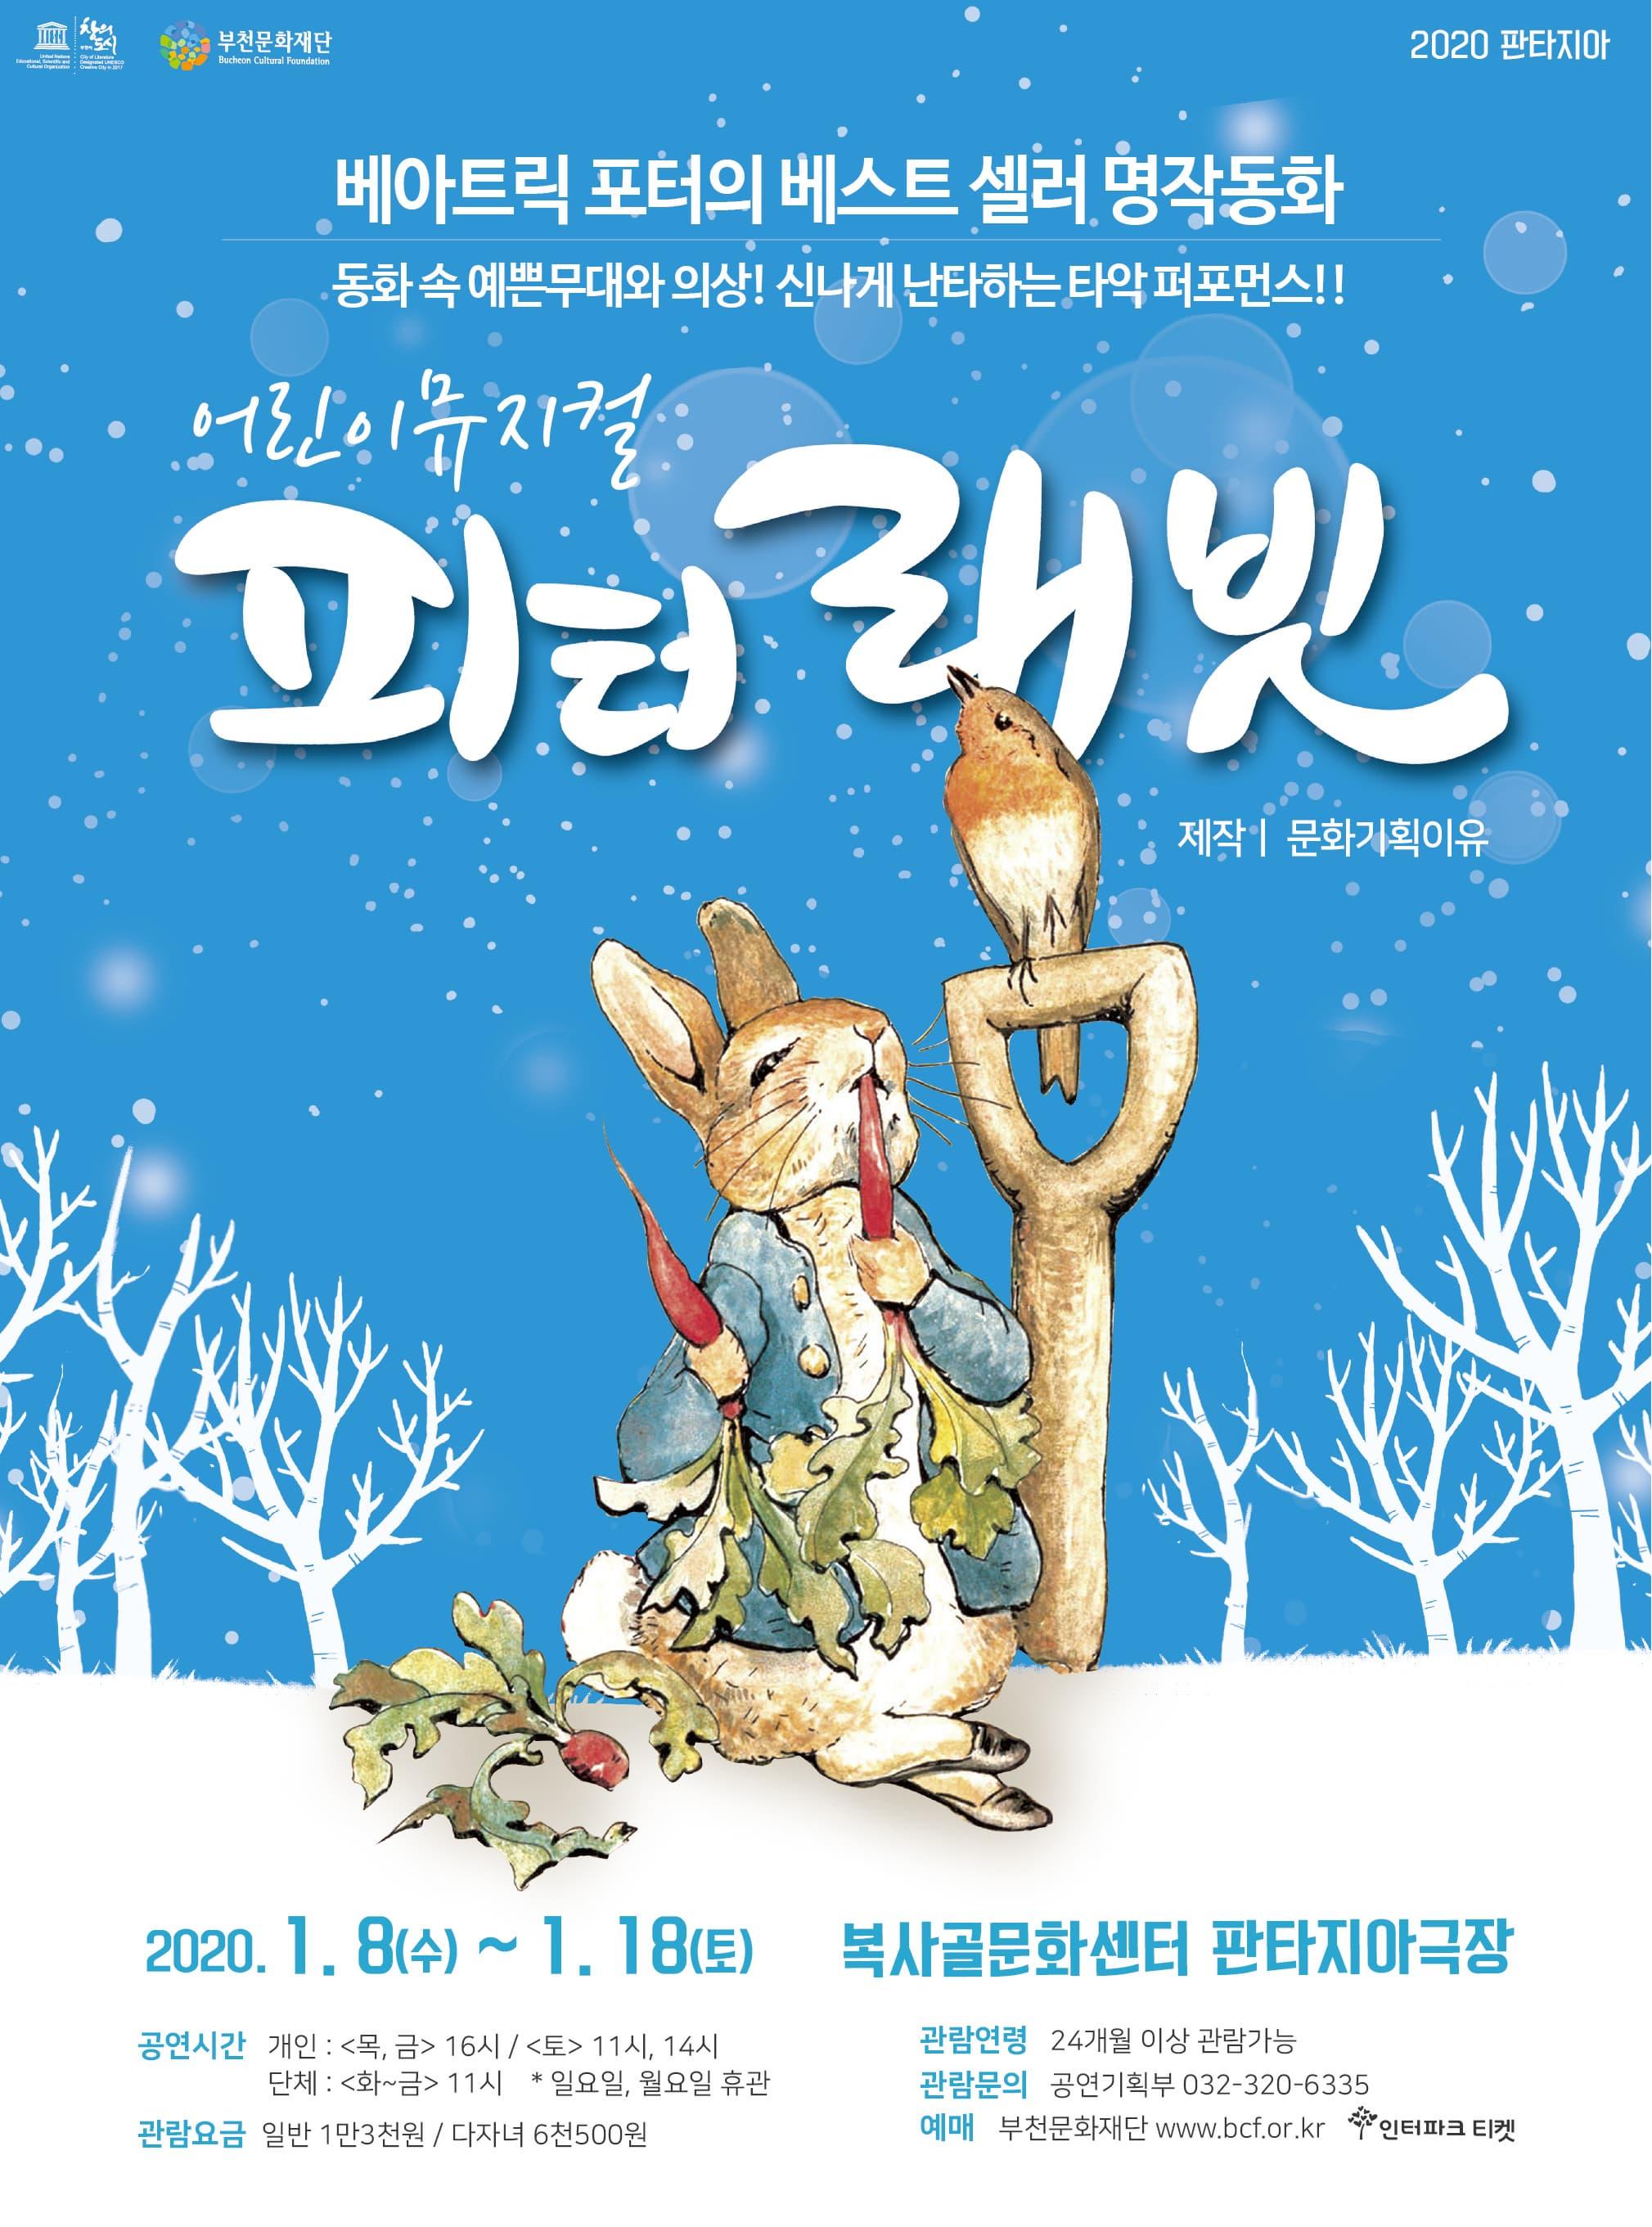 """[부천문화재단] 어린이 뮤지컬 """"피터레빗"""""""